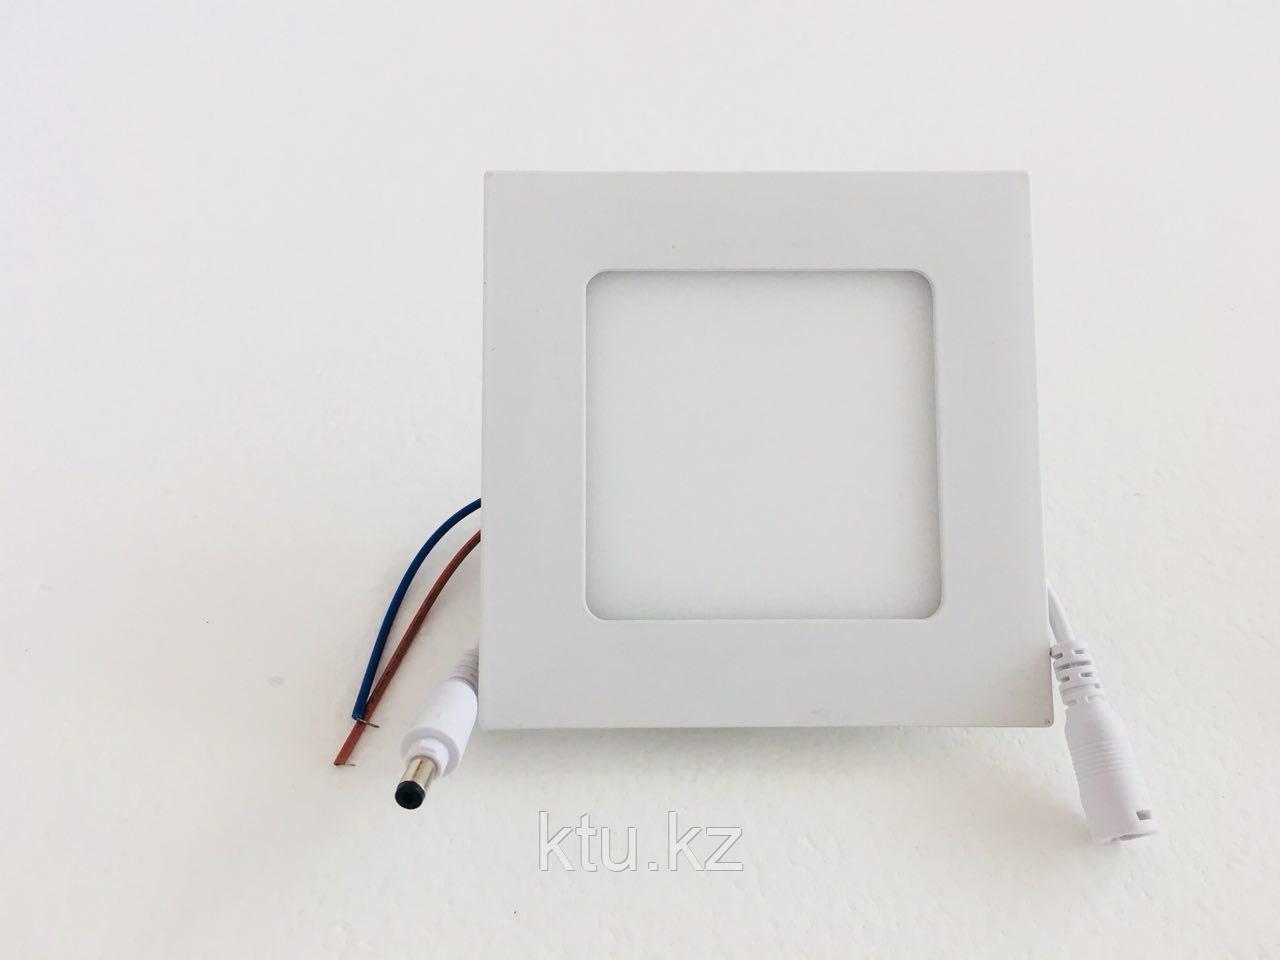 Светильники (споты) JL-F 6W внутренний, 3год гарантия